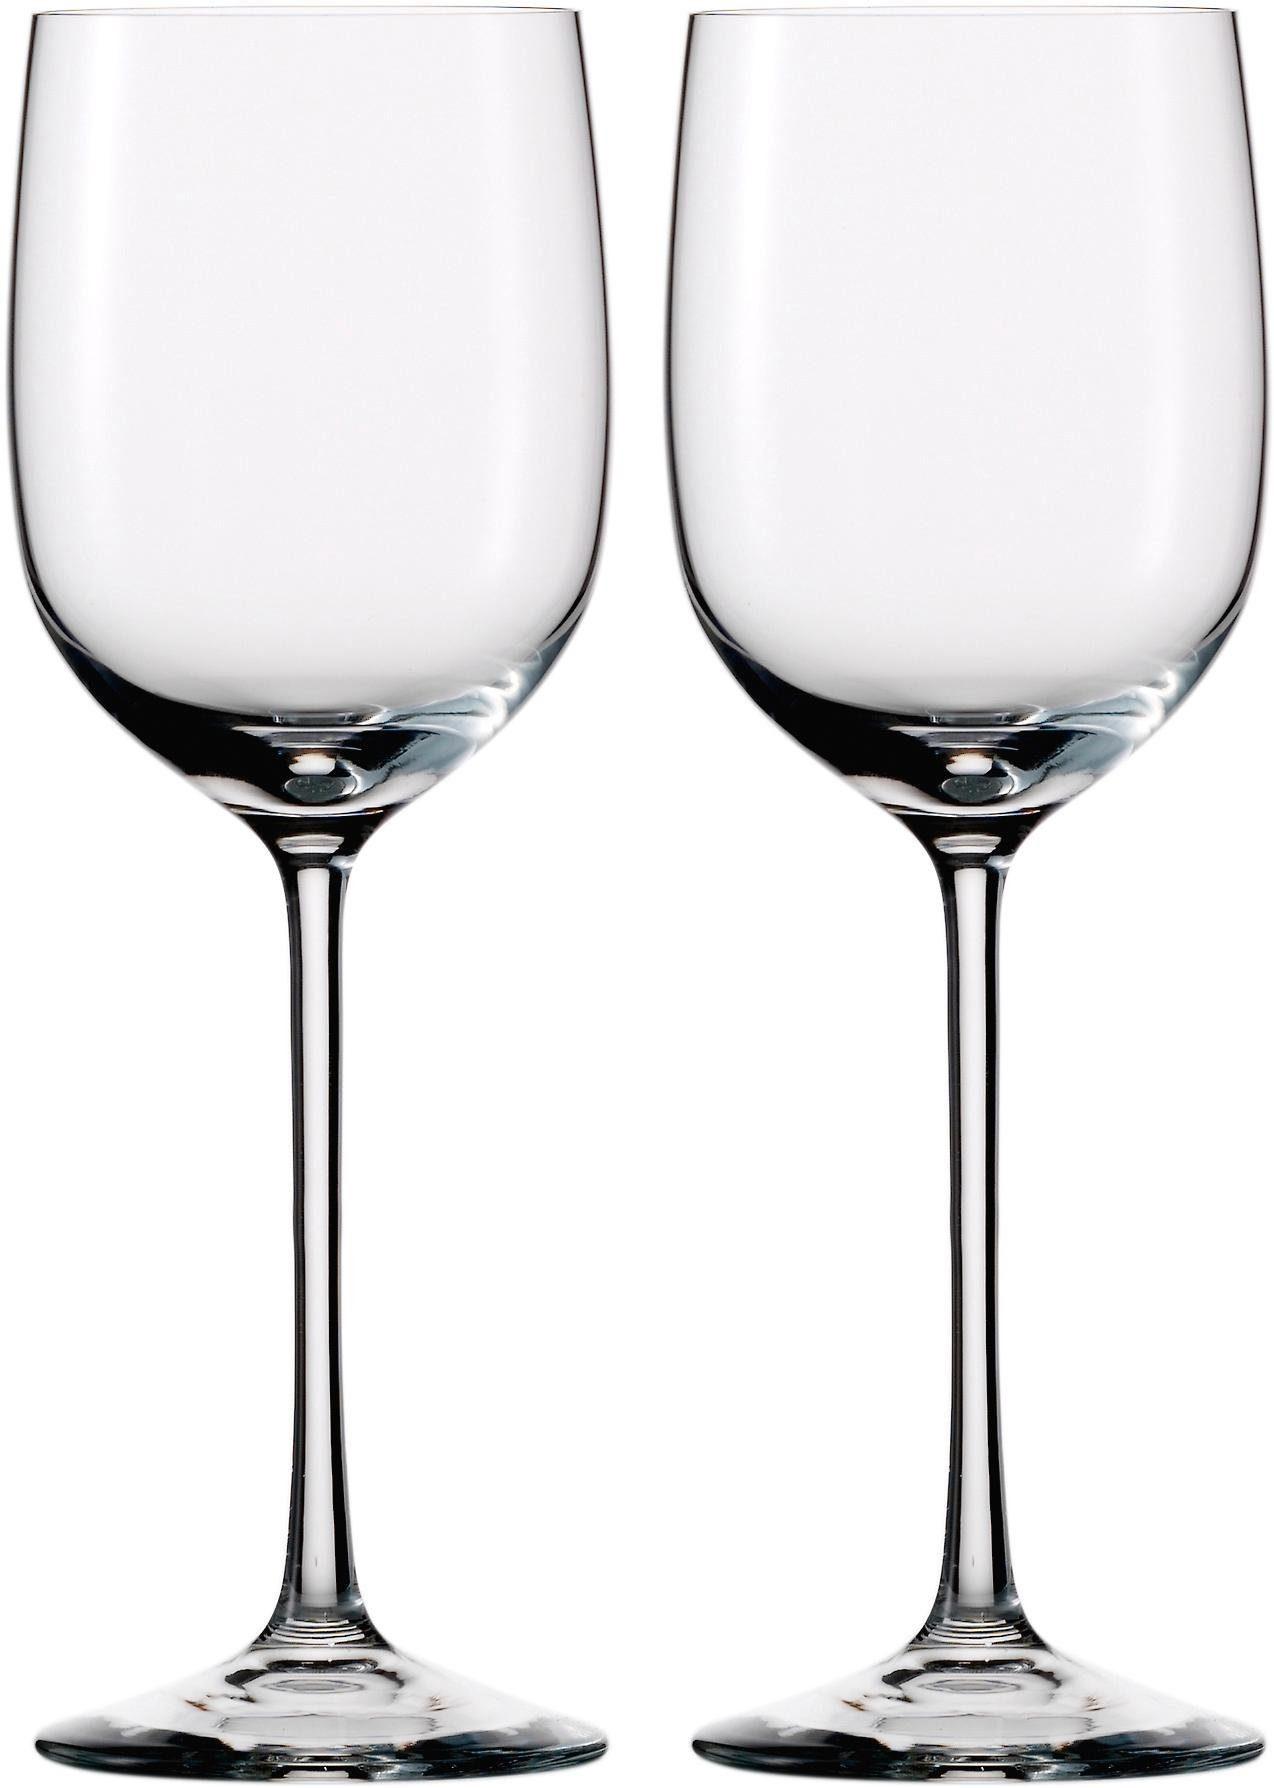 Eisch Rotweinglas Jeunesse, (Set, 2 tlg.), bleifreies Kristallglas, 360 ml farblos Kristallgläser Gläser Glaswaren Haushaltswaren